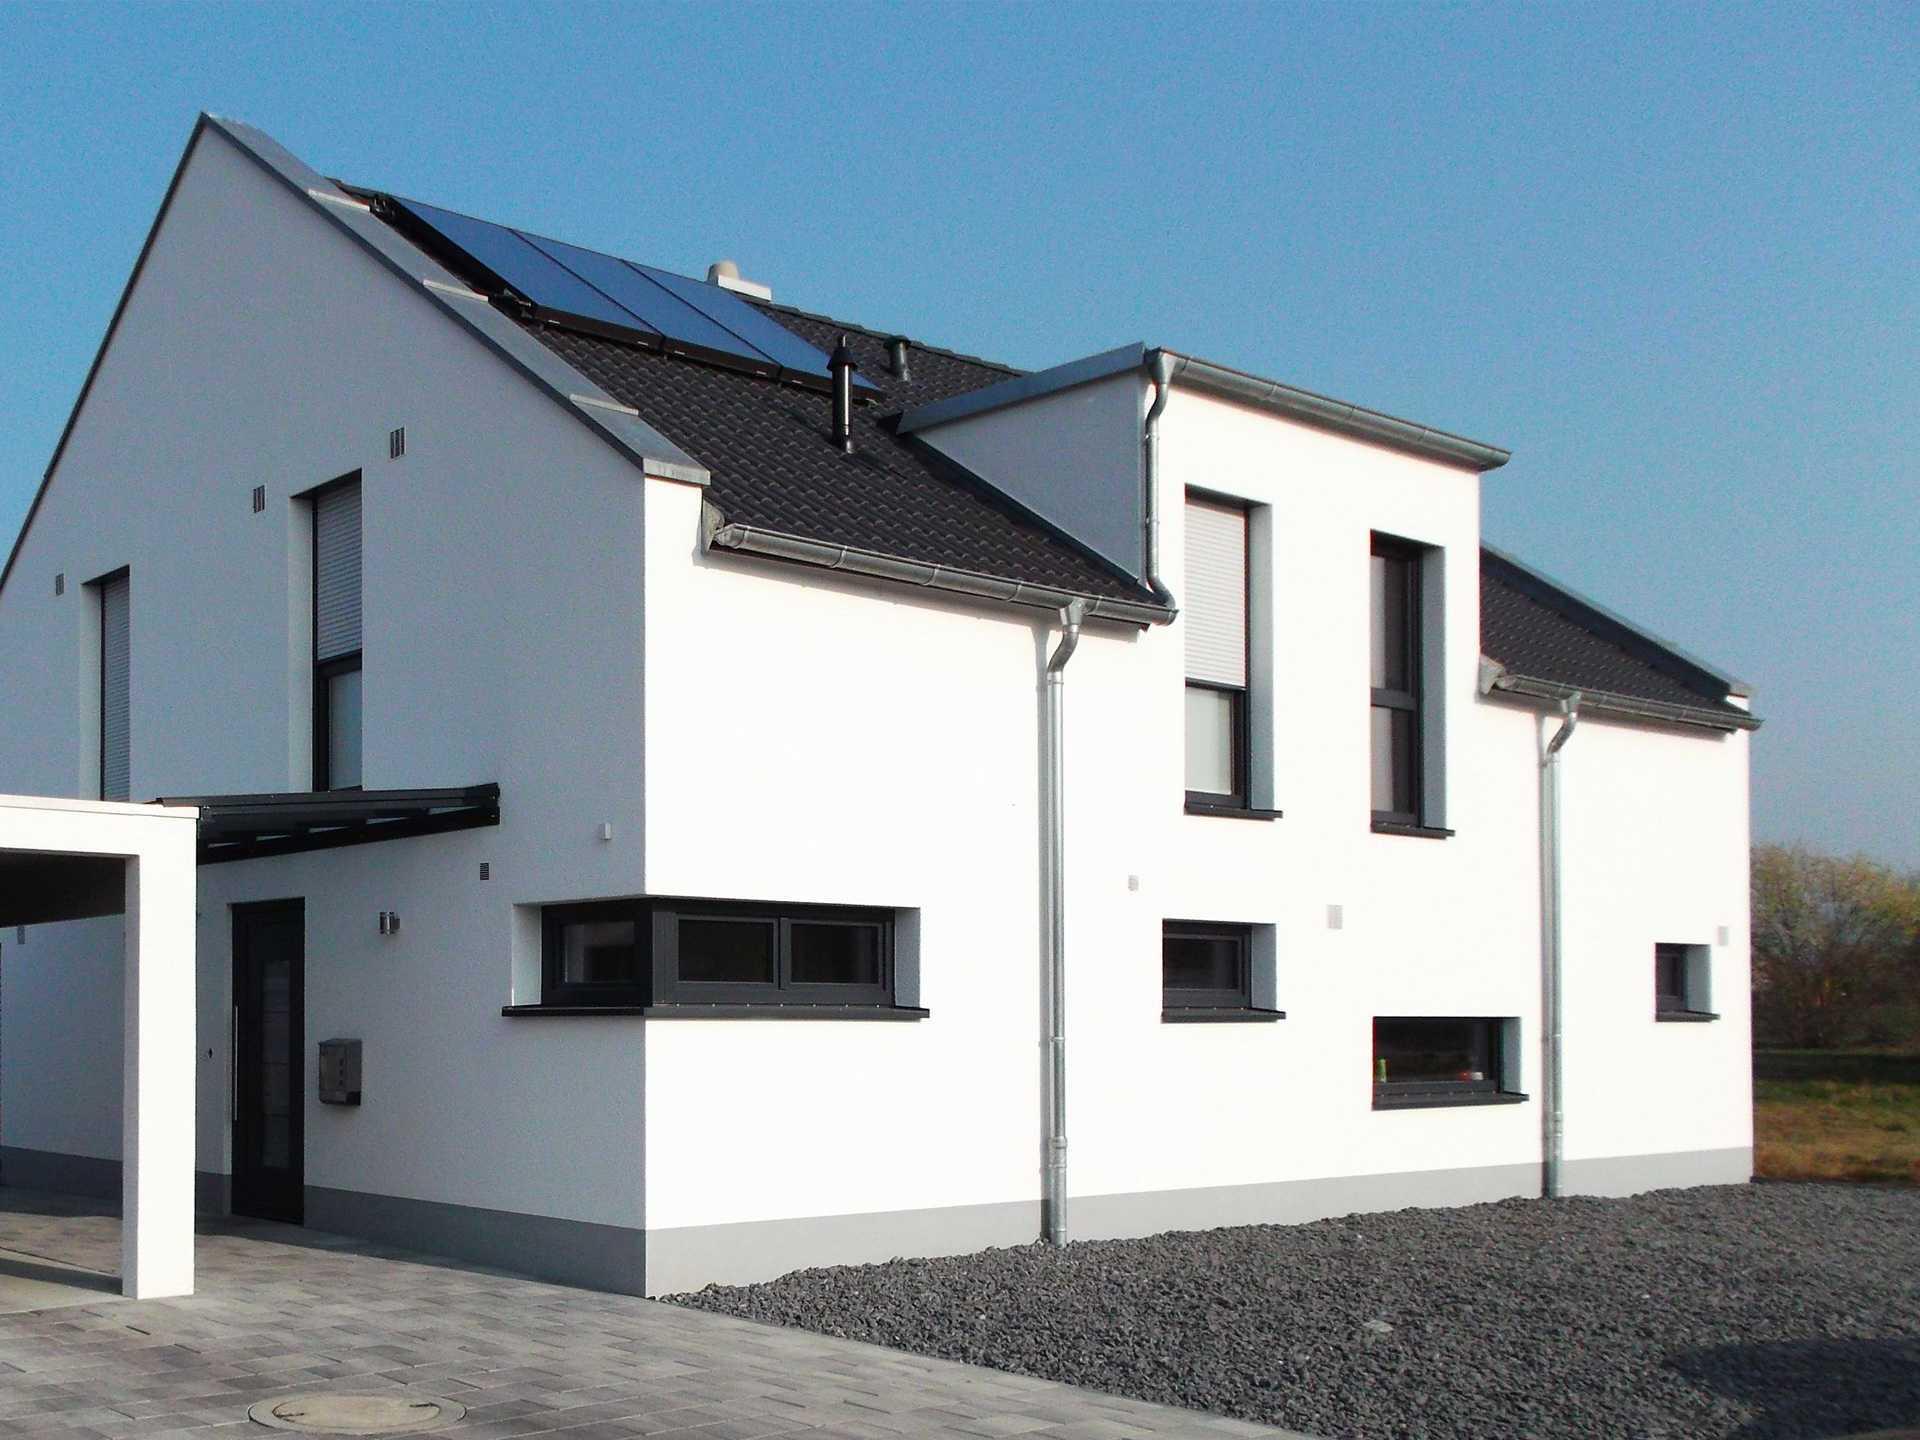 Konzepthaus GmbH - Häuser, Preise, Erfahrungen bei Musterhaus.net